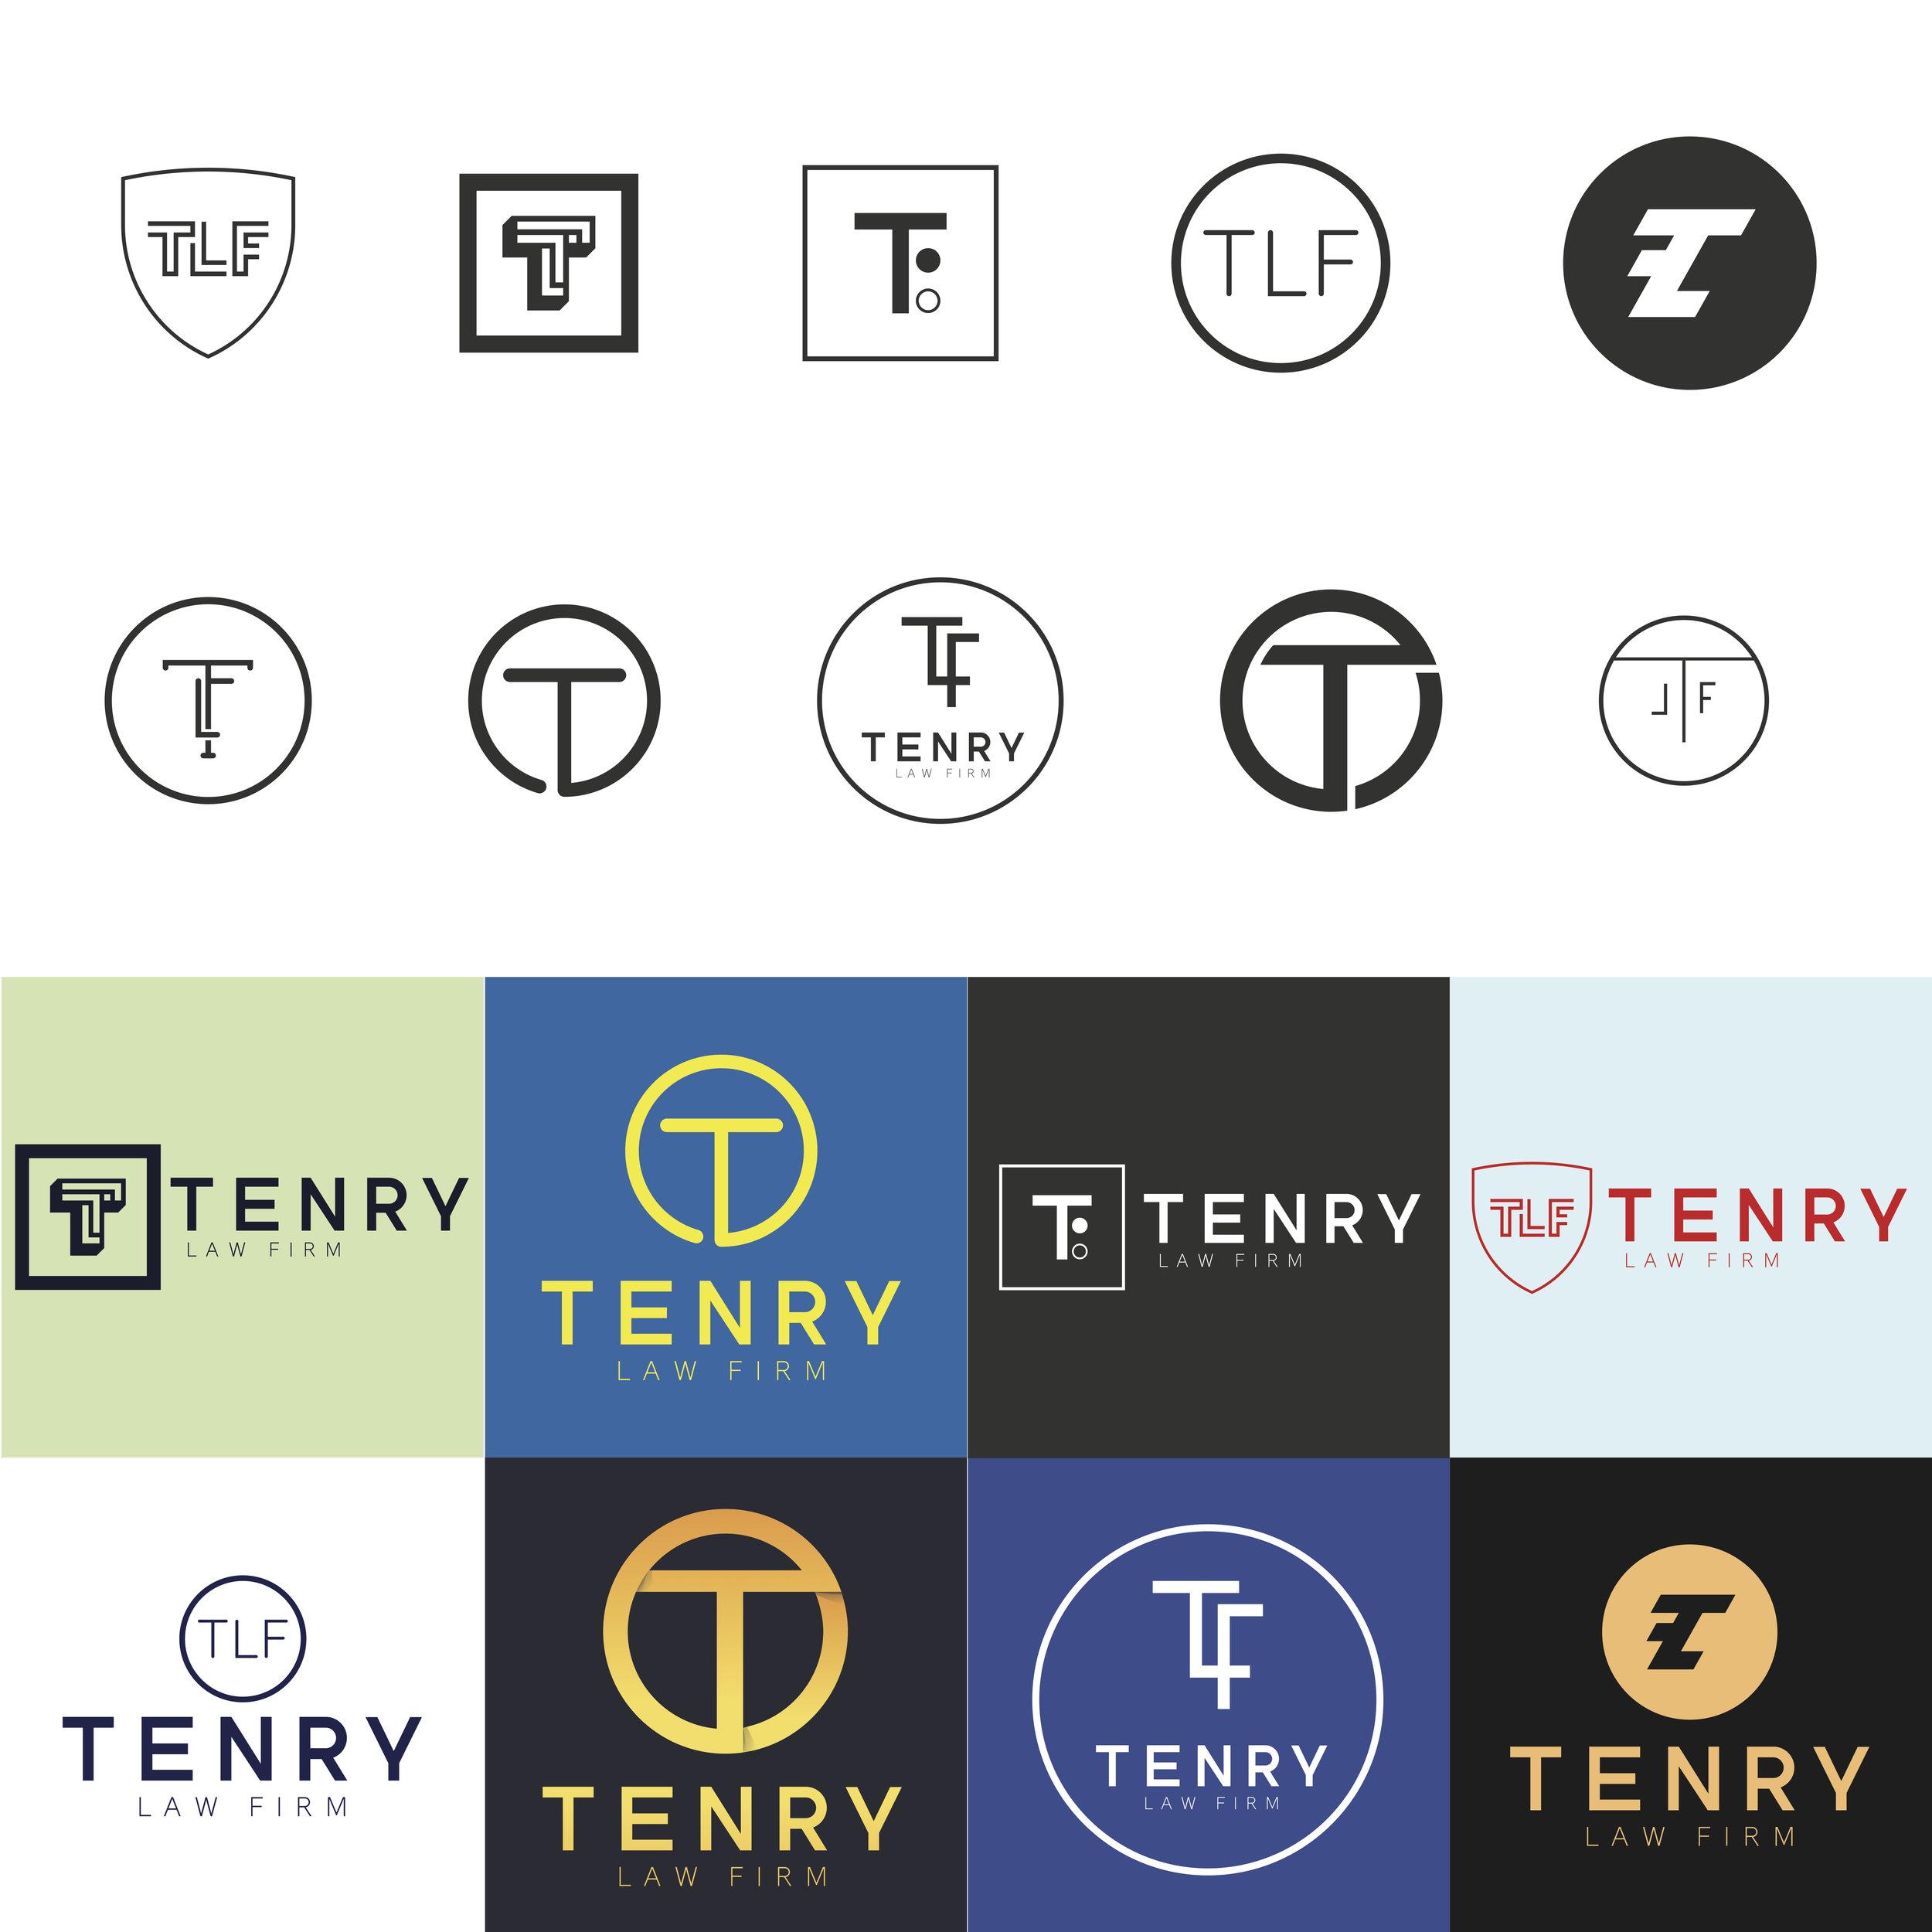 tenry.jpg